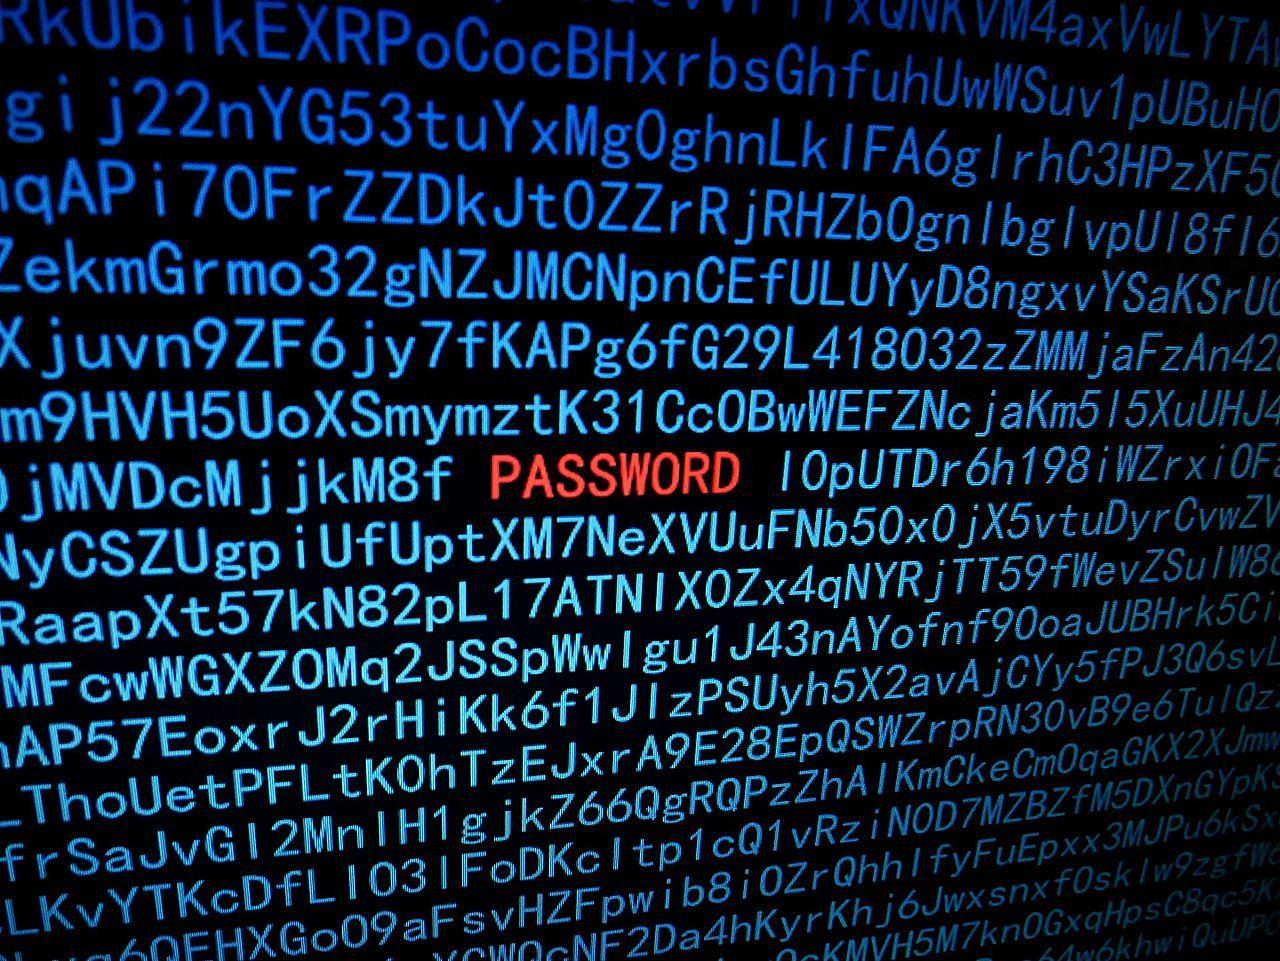 Microsoft planerar att helt göra sig av med lösenord nästa år